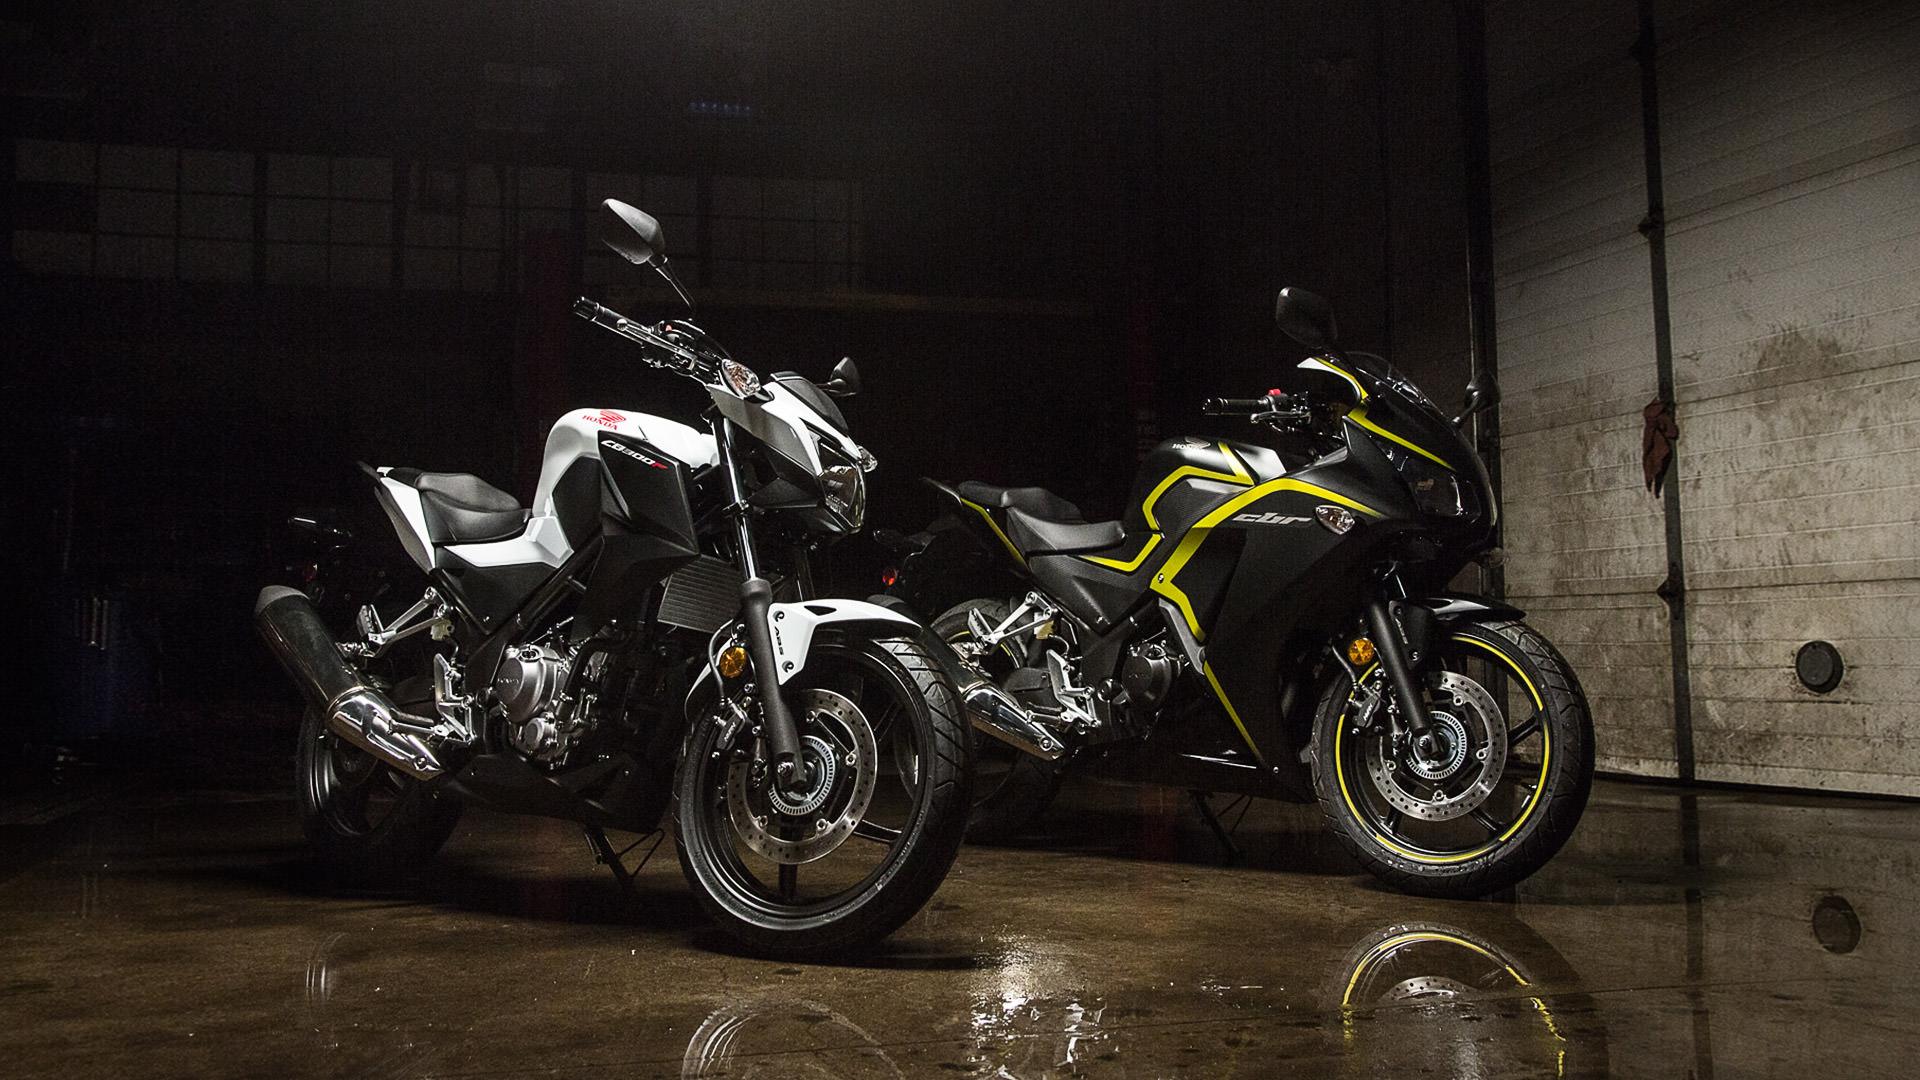 Honda CB300F Review Specs